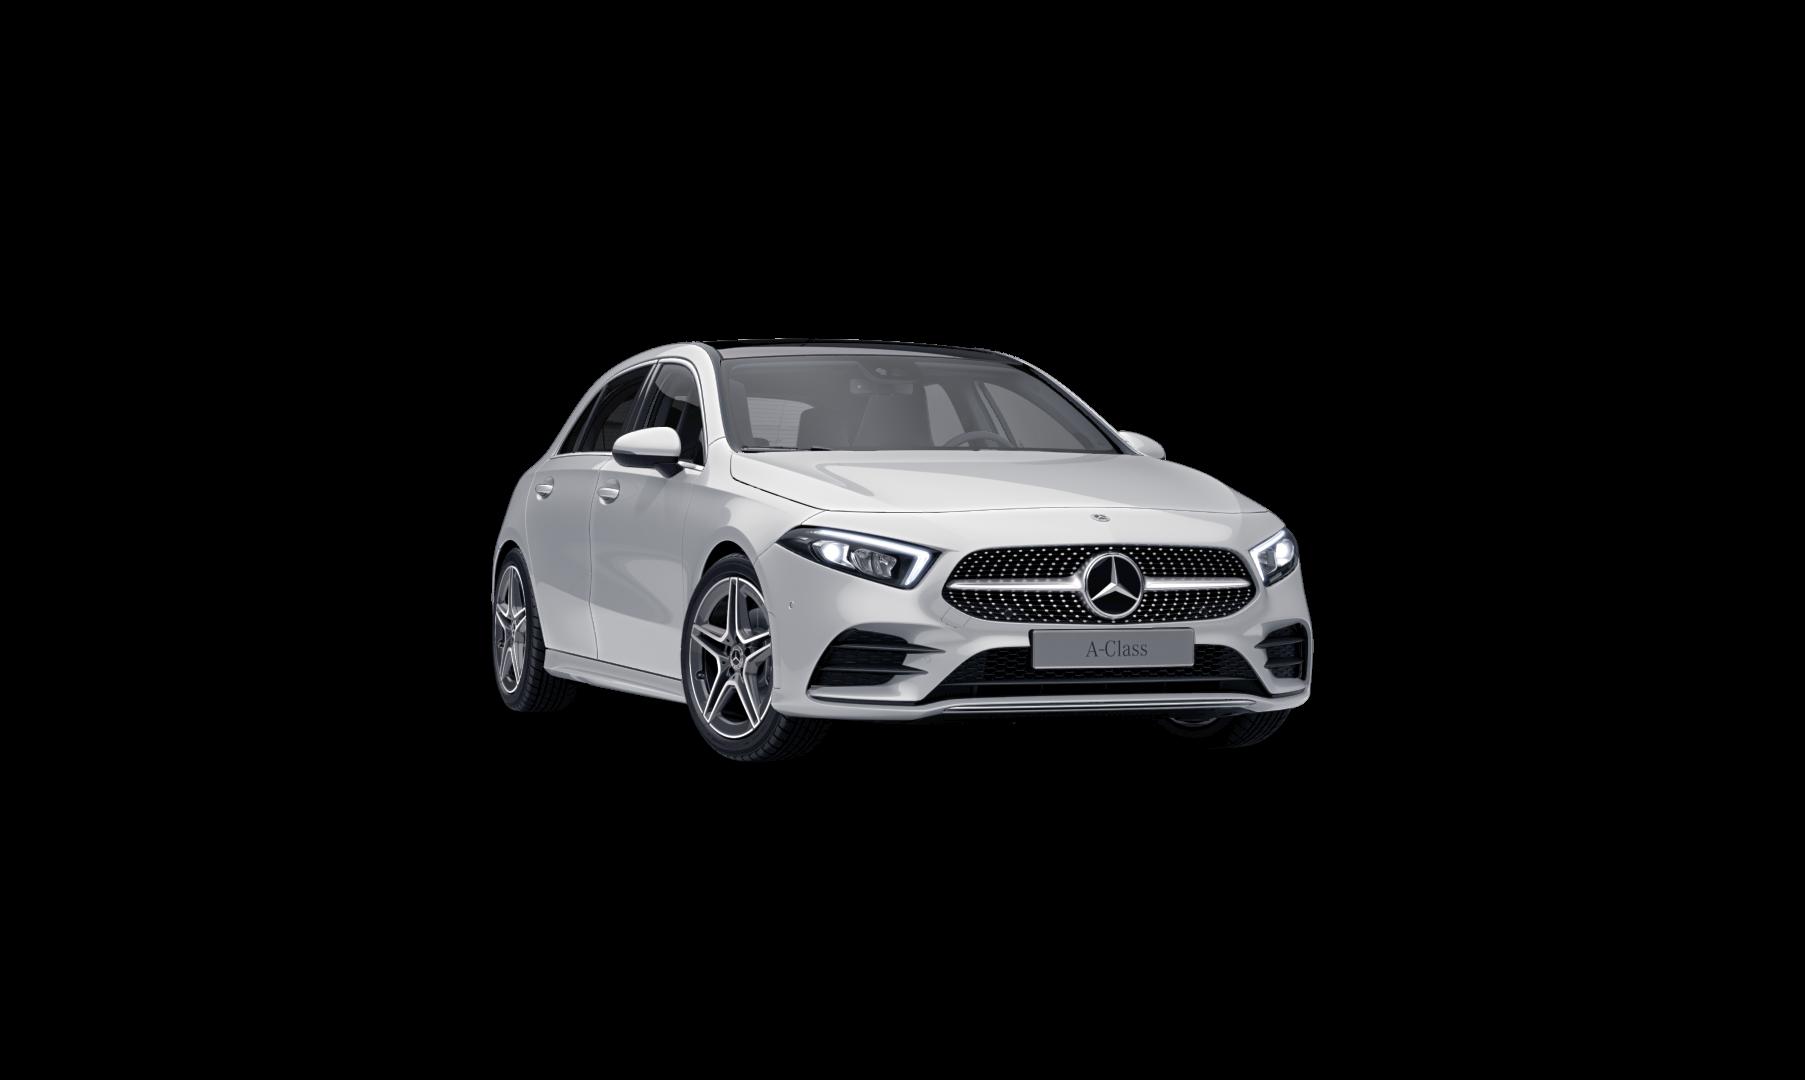 Mercedes Benz Classe A  Finition AMG Line : Vue de trois quarts de profil à l'arrêt avec une couleur noir